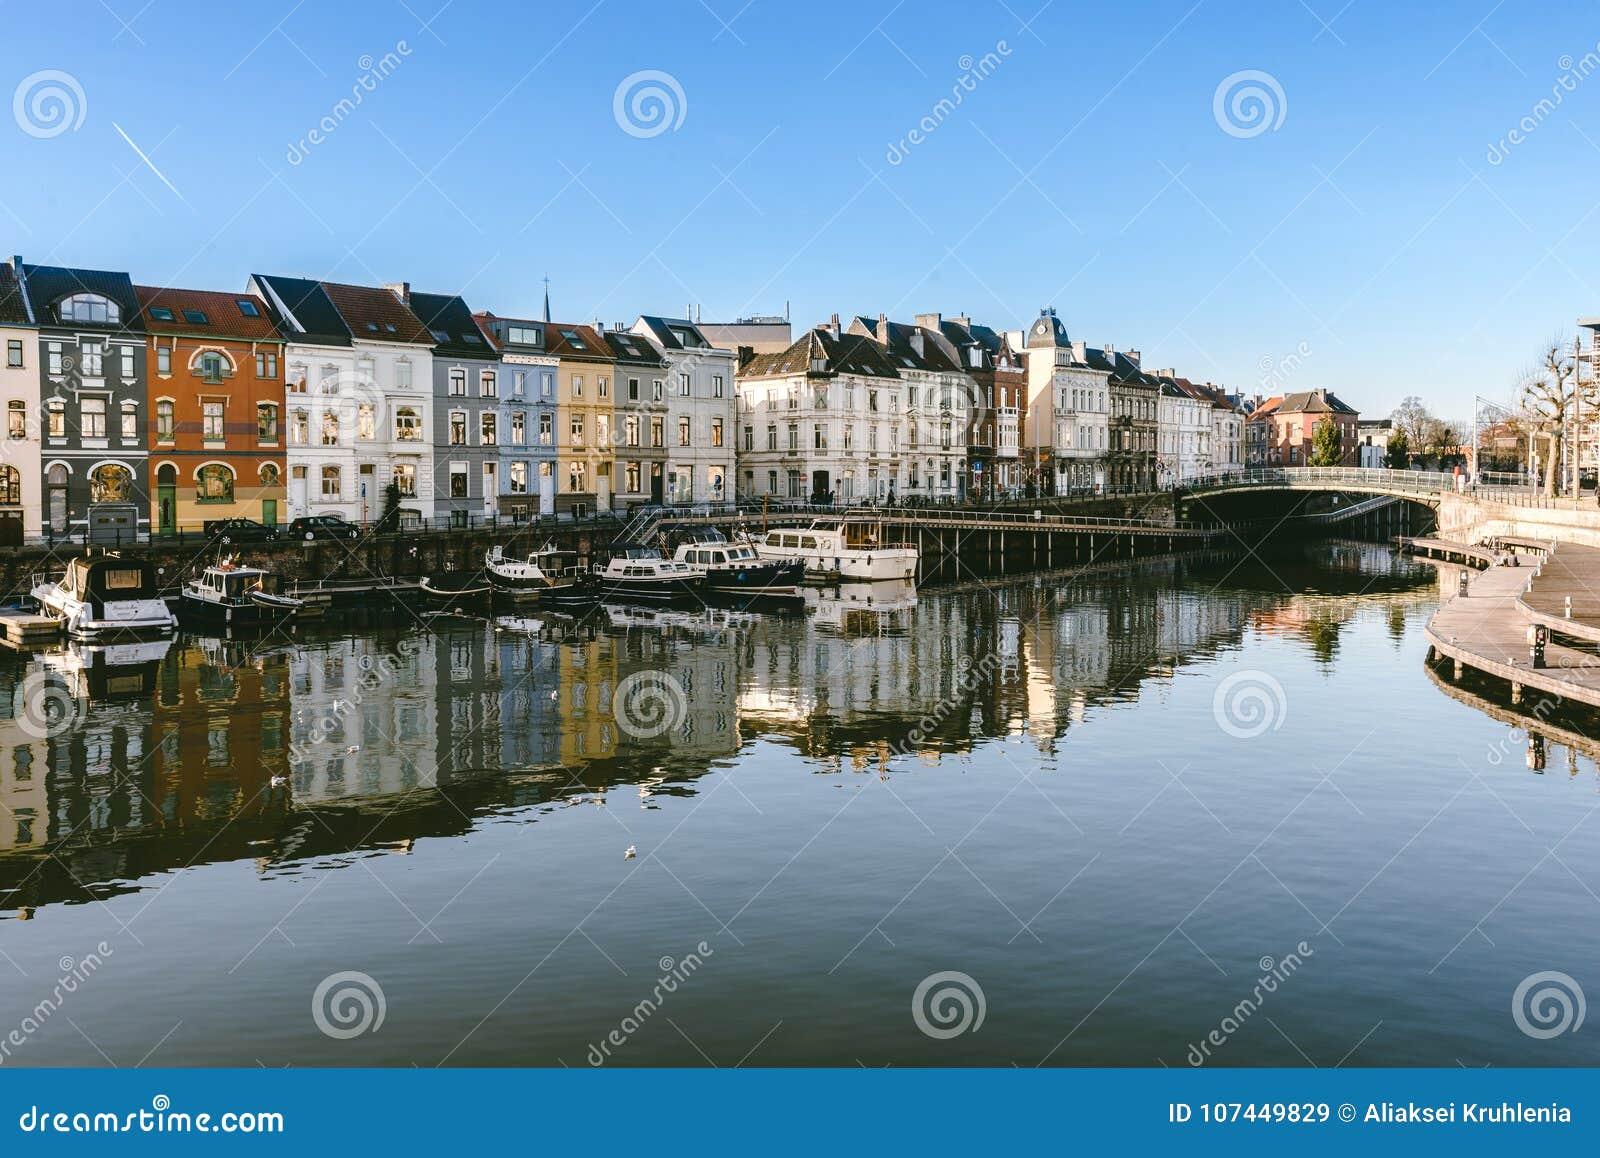 Portus Ganda Marina In Ghent Editorial Stock Image - Image